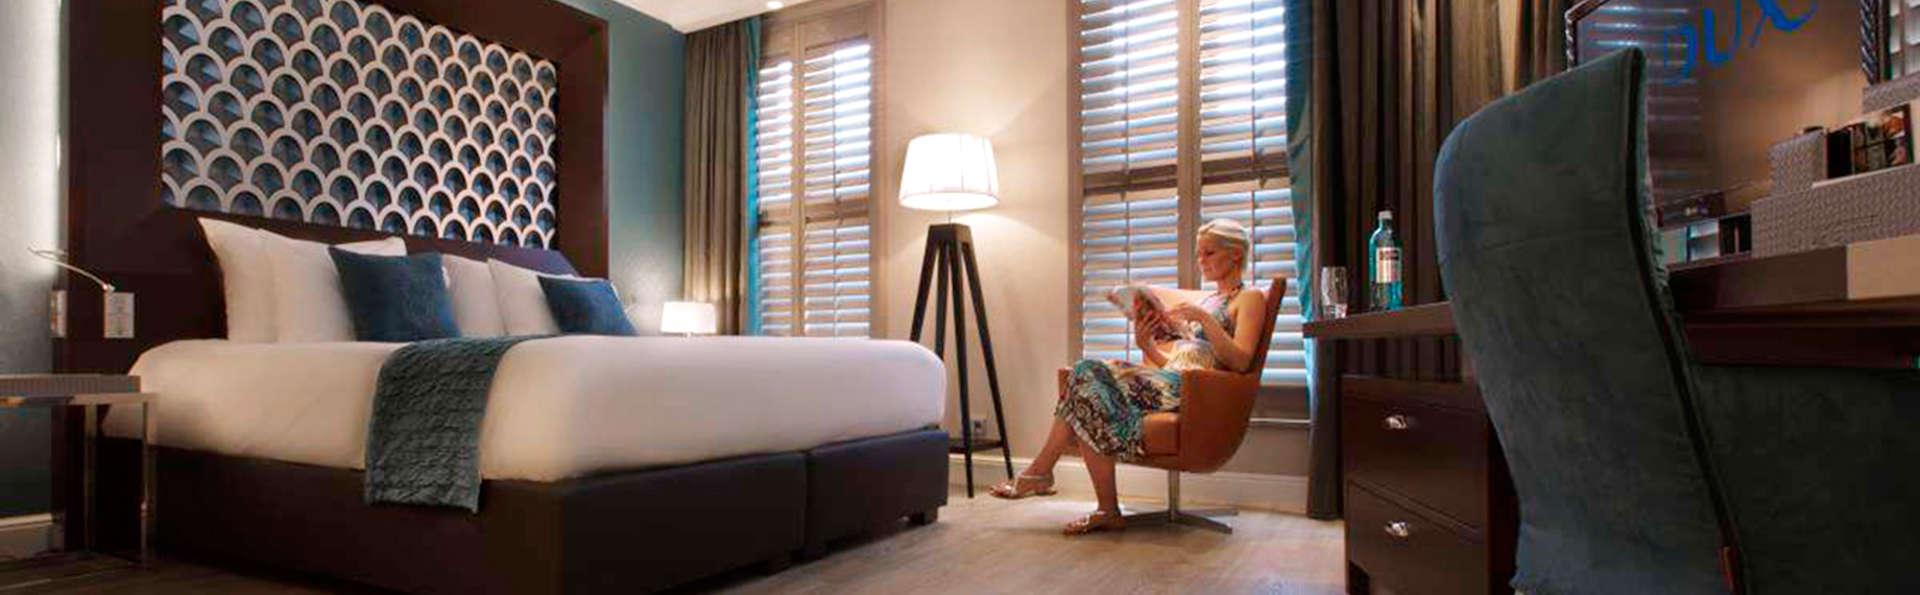 Week-end de Luxe en chambre Executive Deluxe dans le Limbourg